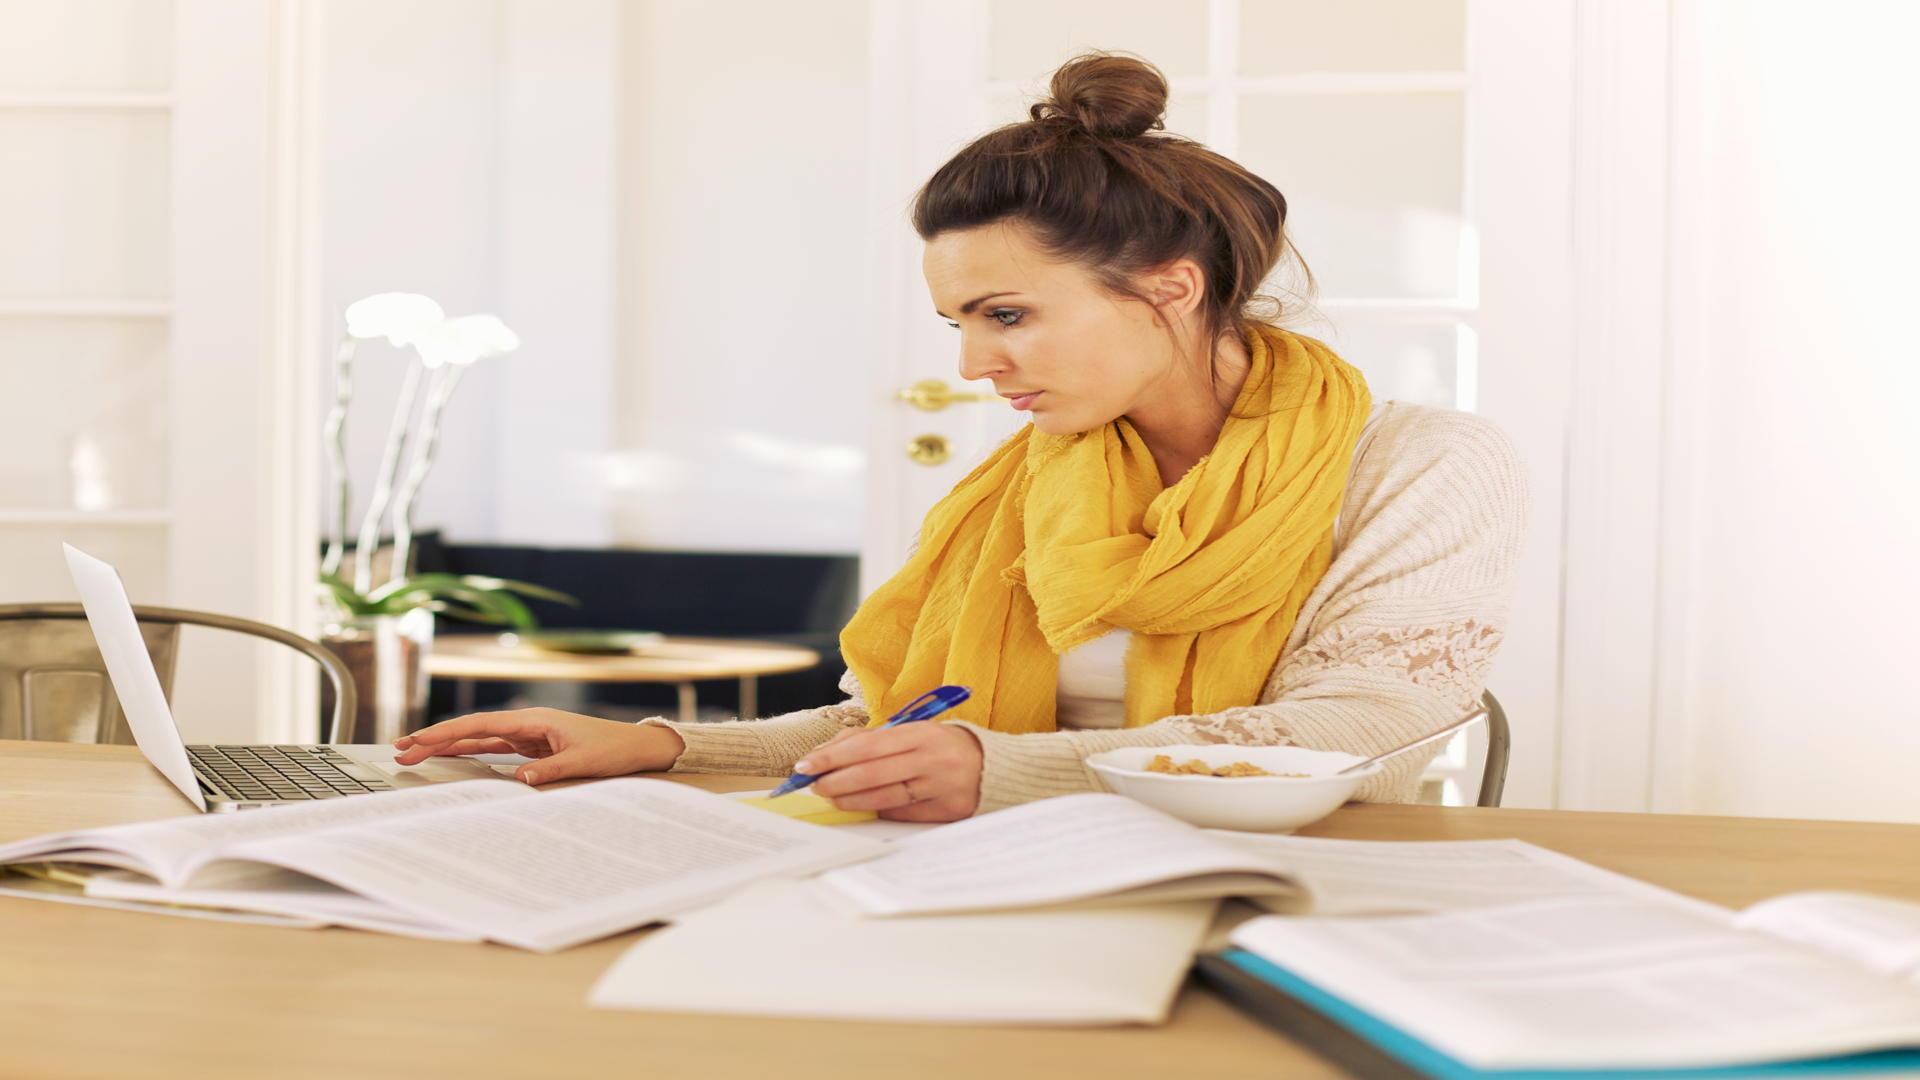 עקרונות כתיבה אקדמית – מדוע חשוב לדעת אותם